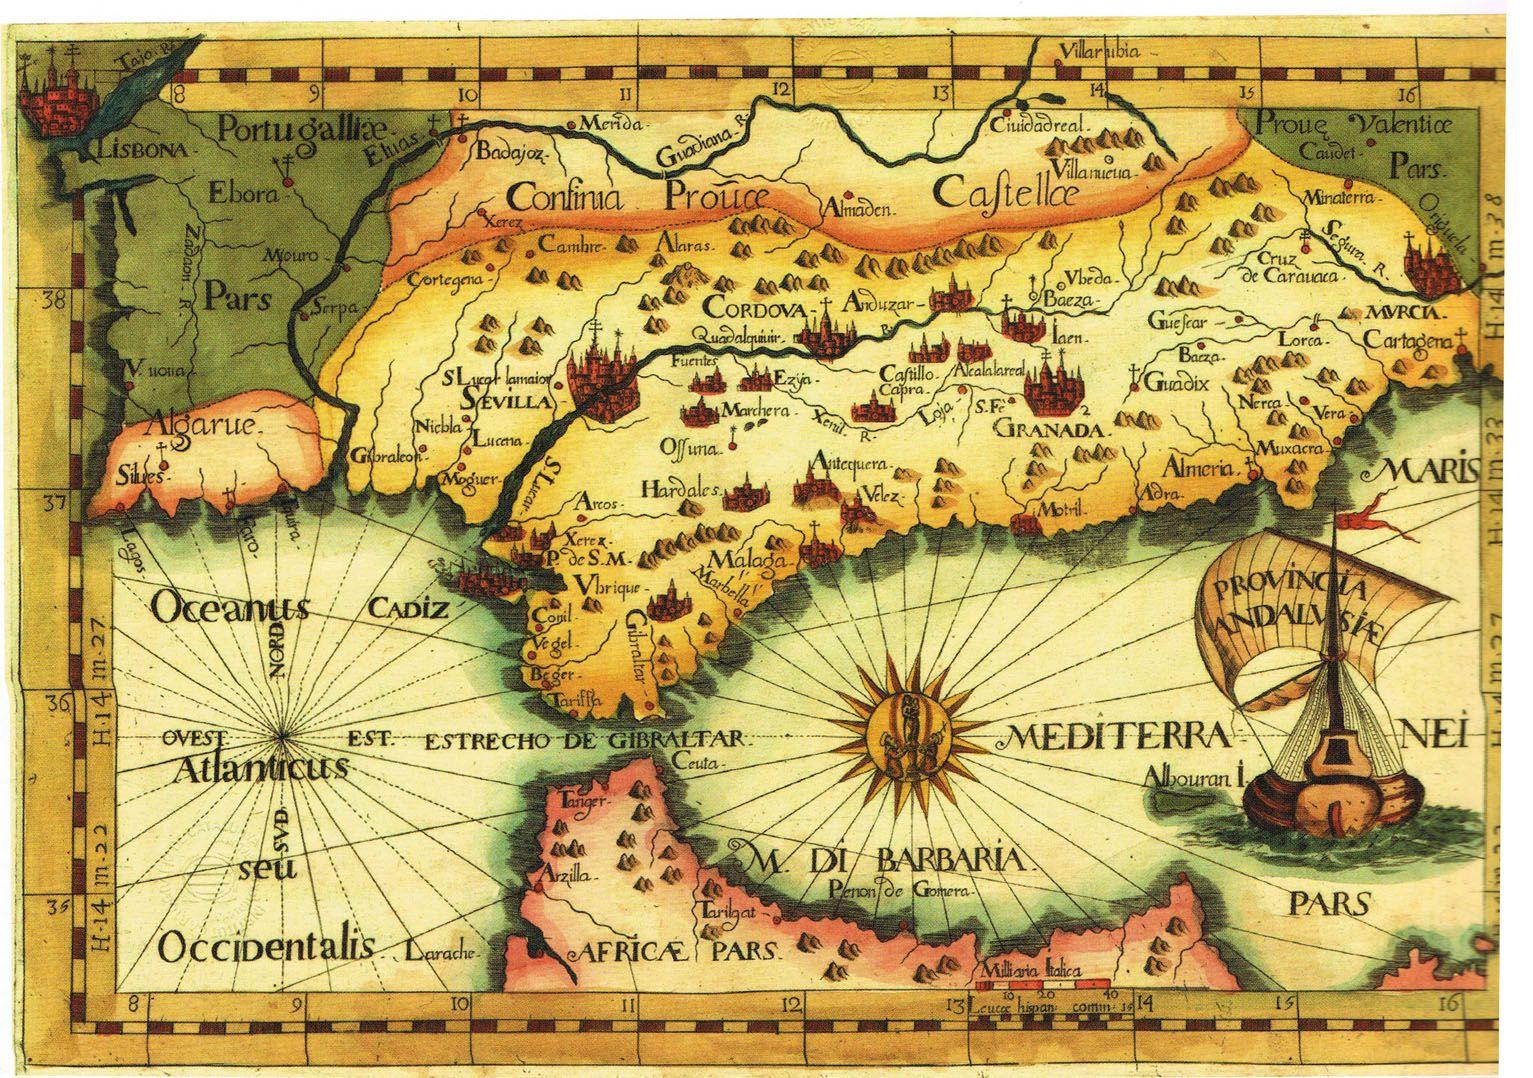 Granada Authors Willem Barents Jodocus Hondius Place